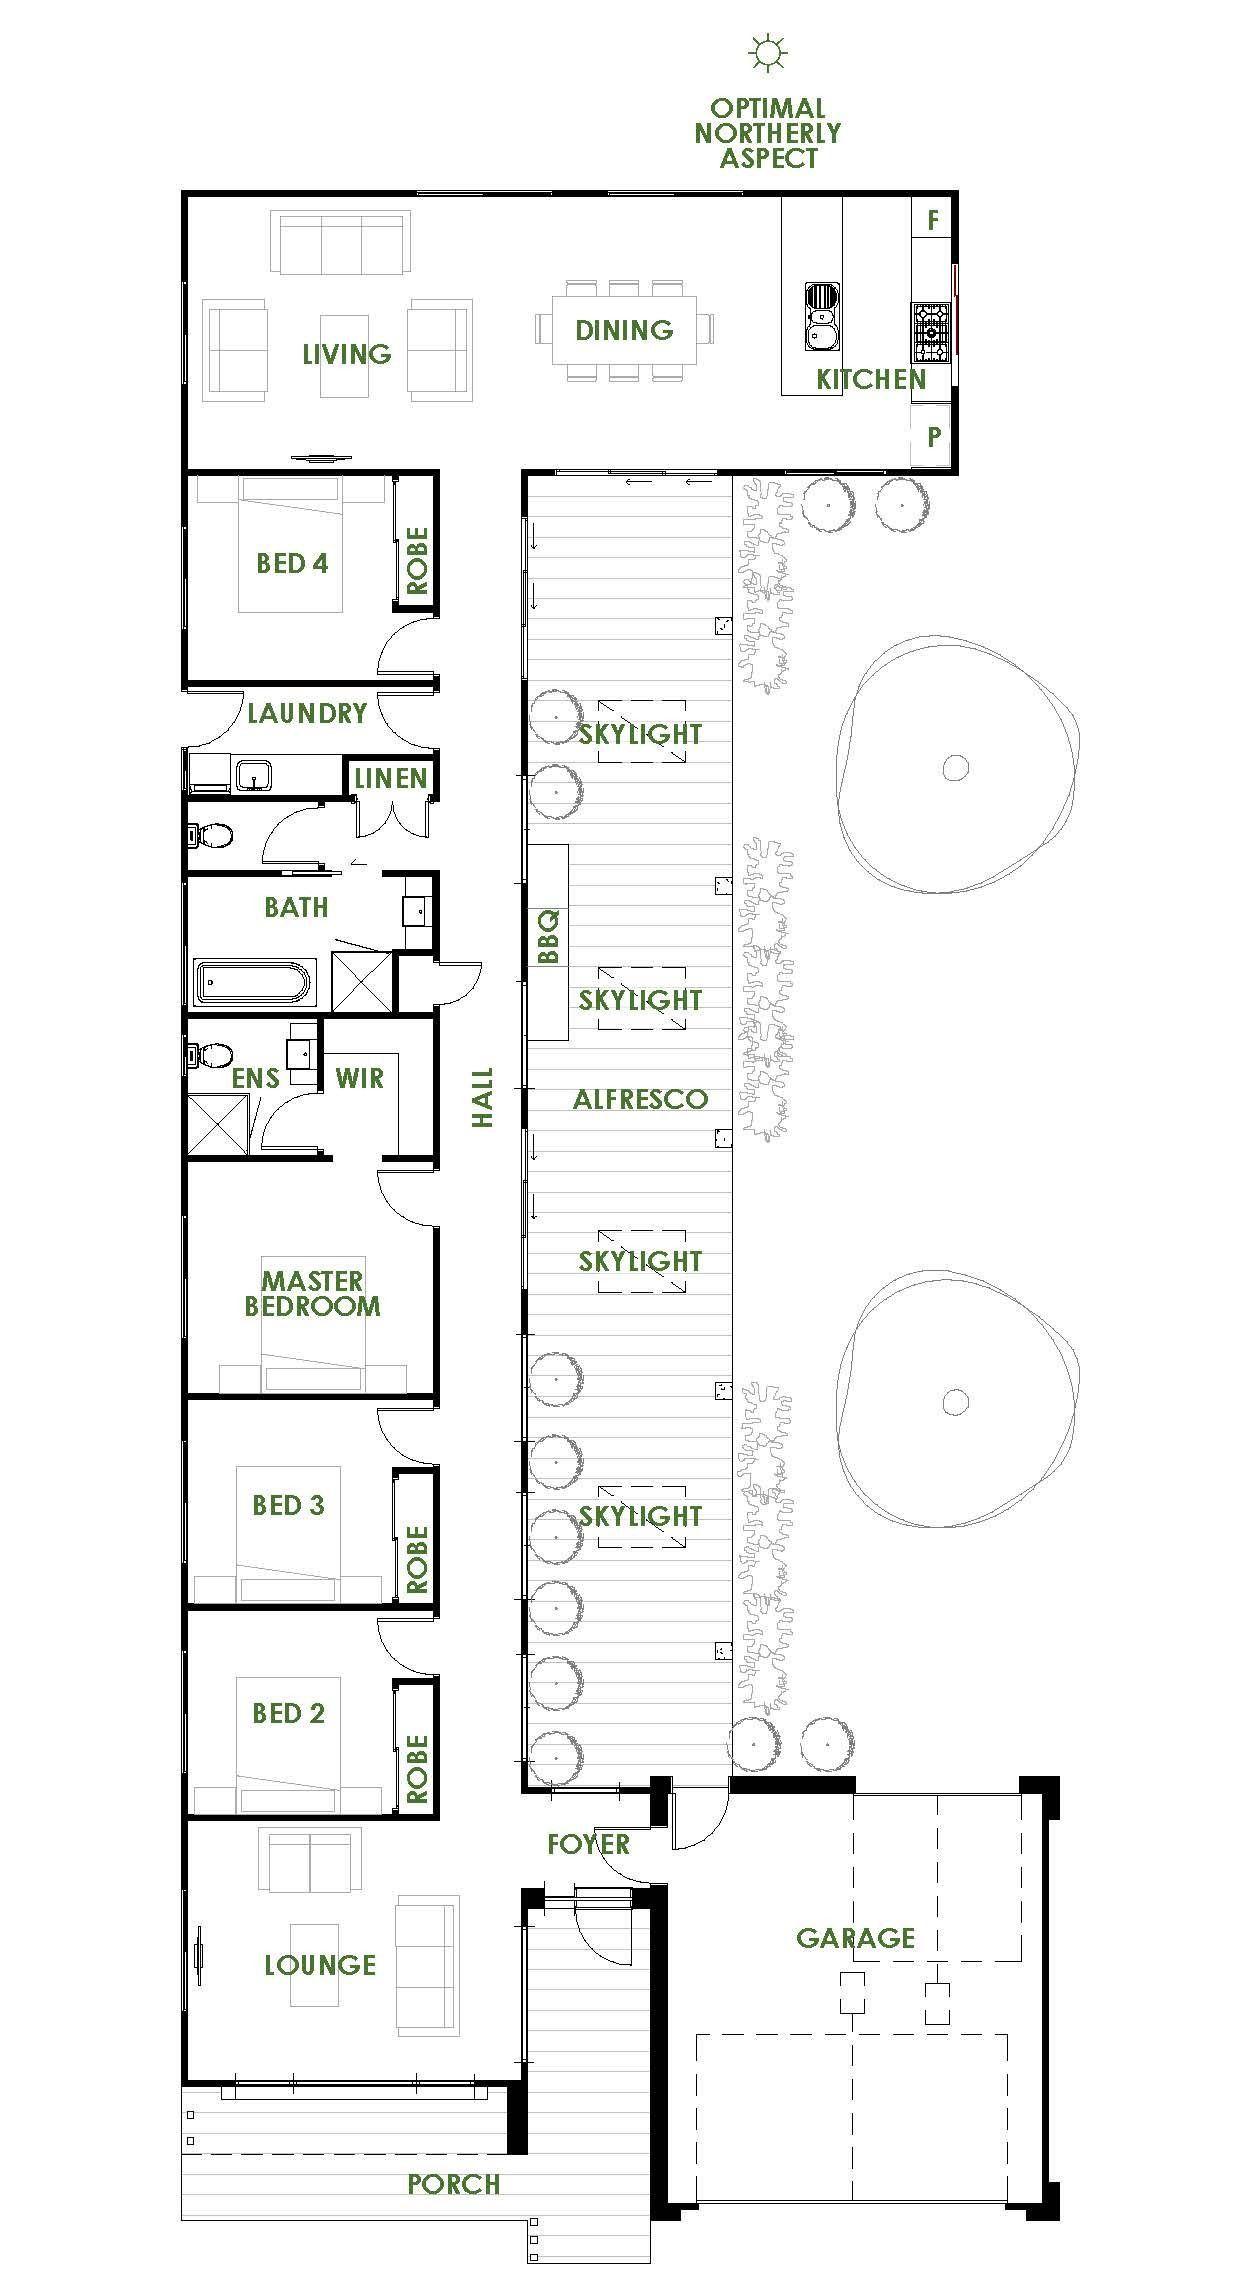 Energy Saving House Plans 2021 Denah Lantai Denah Rumah Denah Desain Rumah